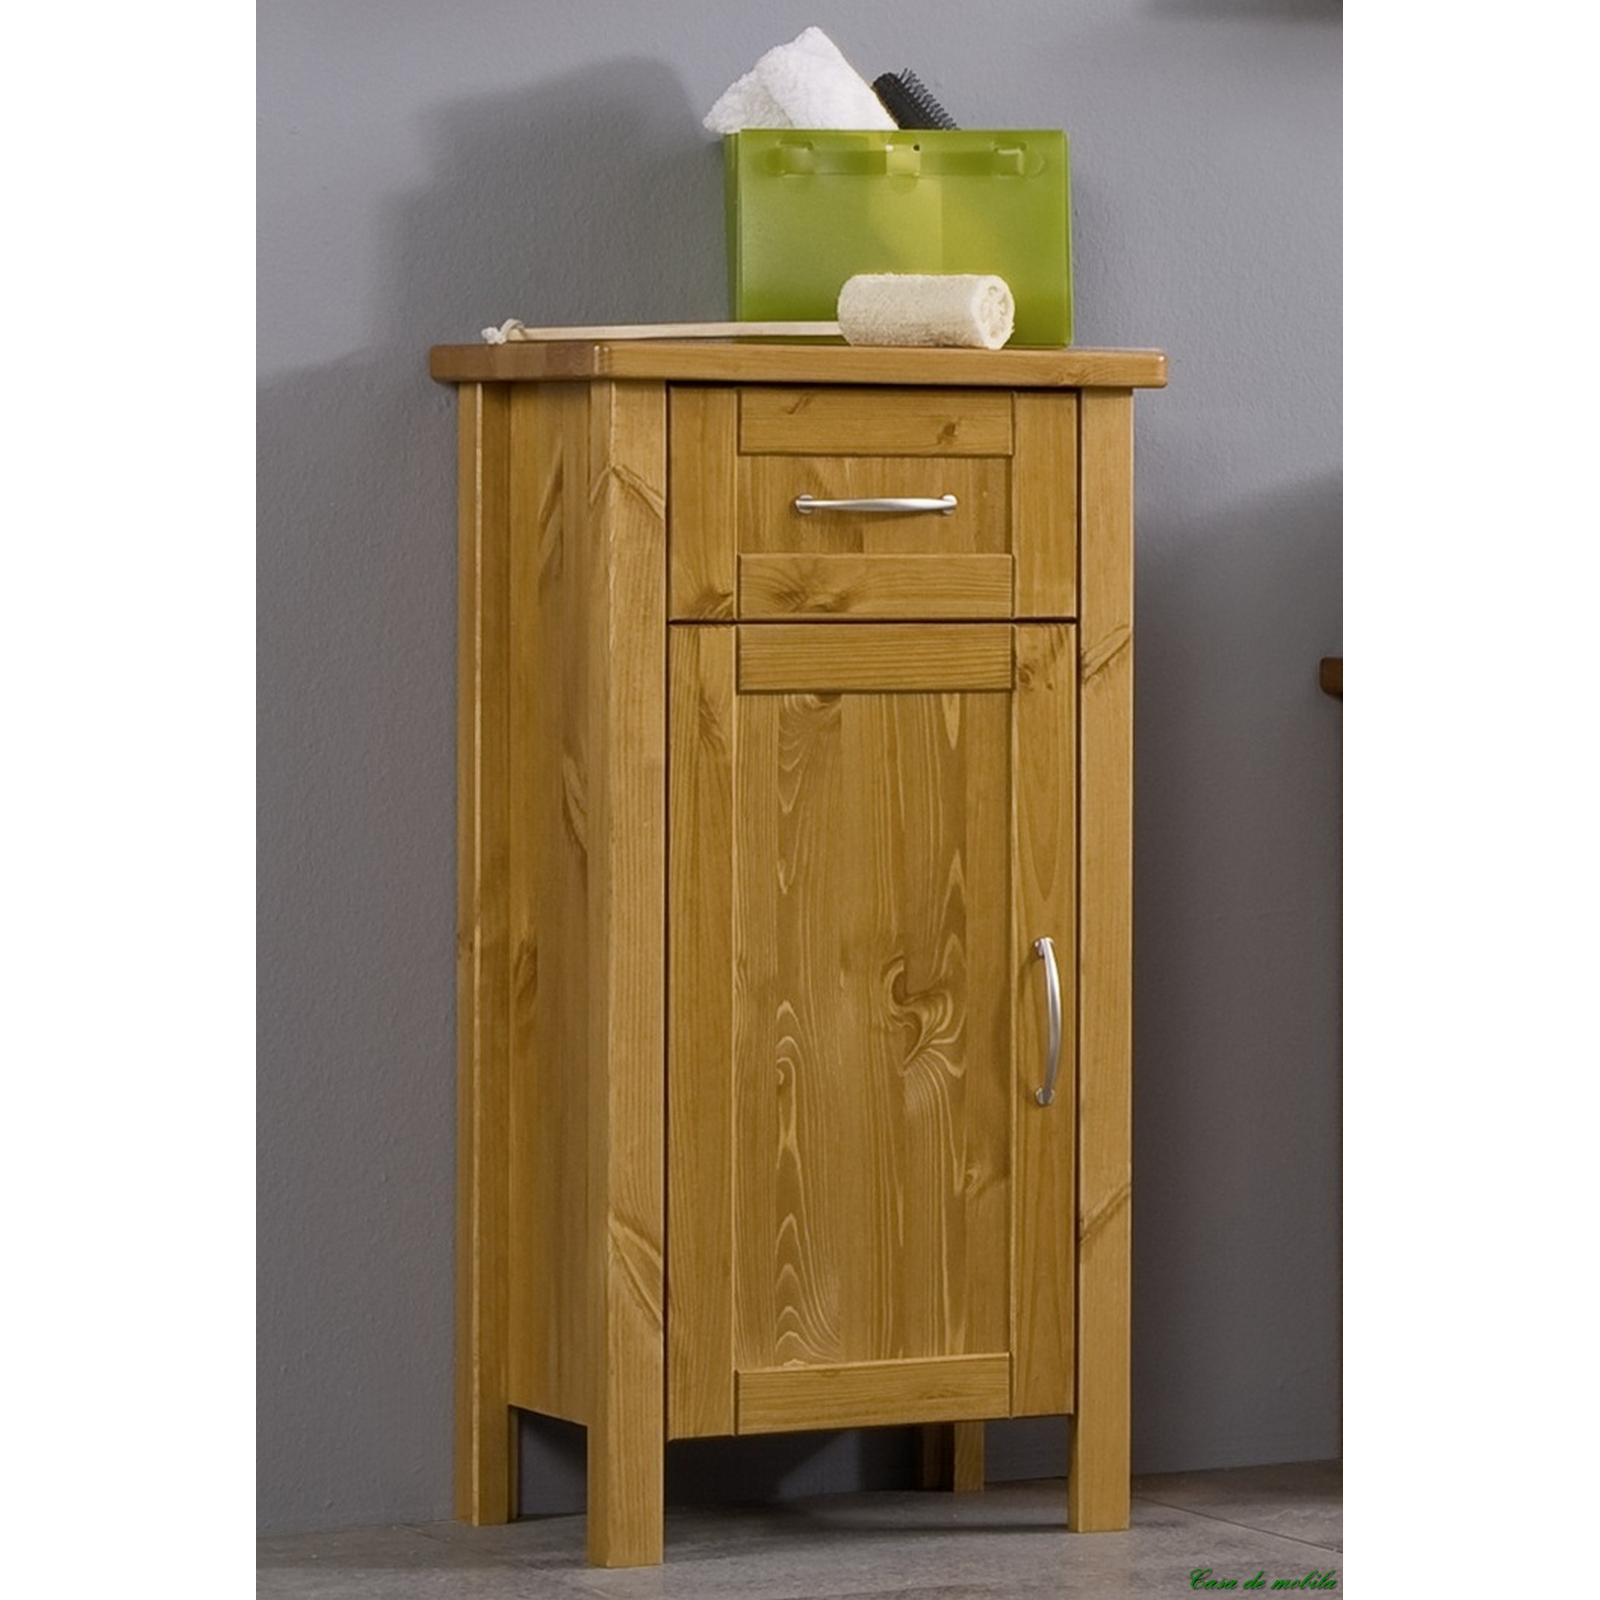 badkommode kommode badschrank holz kiefer massiv honig lackiert venedig. Black Bedroom Furniture Sets. Home Design Ideas